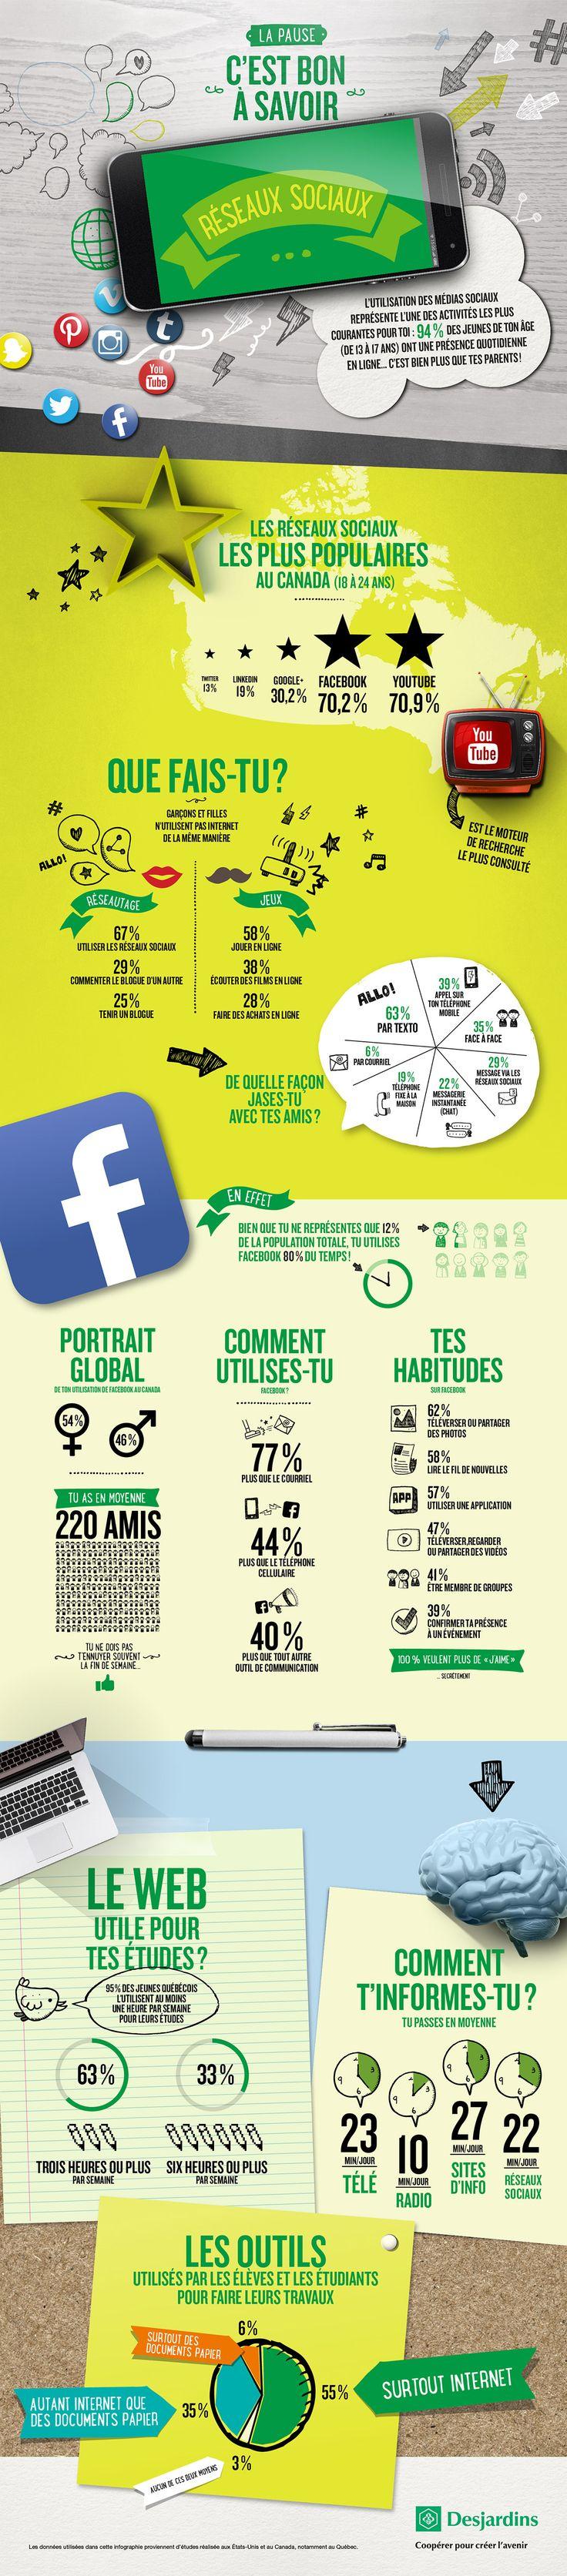 #Infographie - Portrait de l'utilisation des réseaux sociaux chez les jeunes #socialmedia